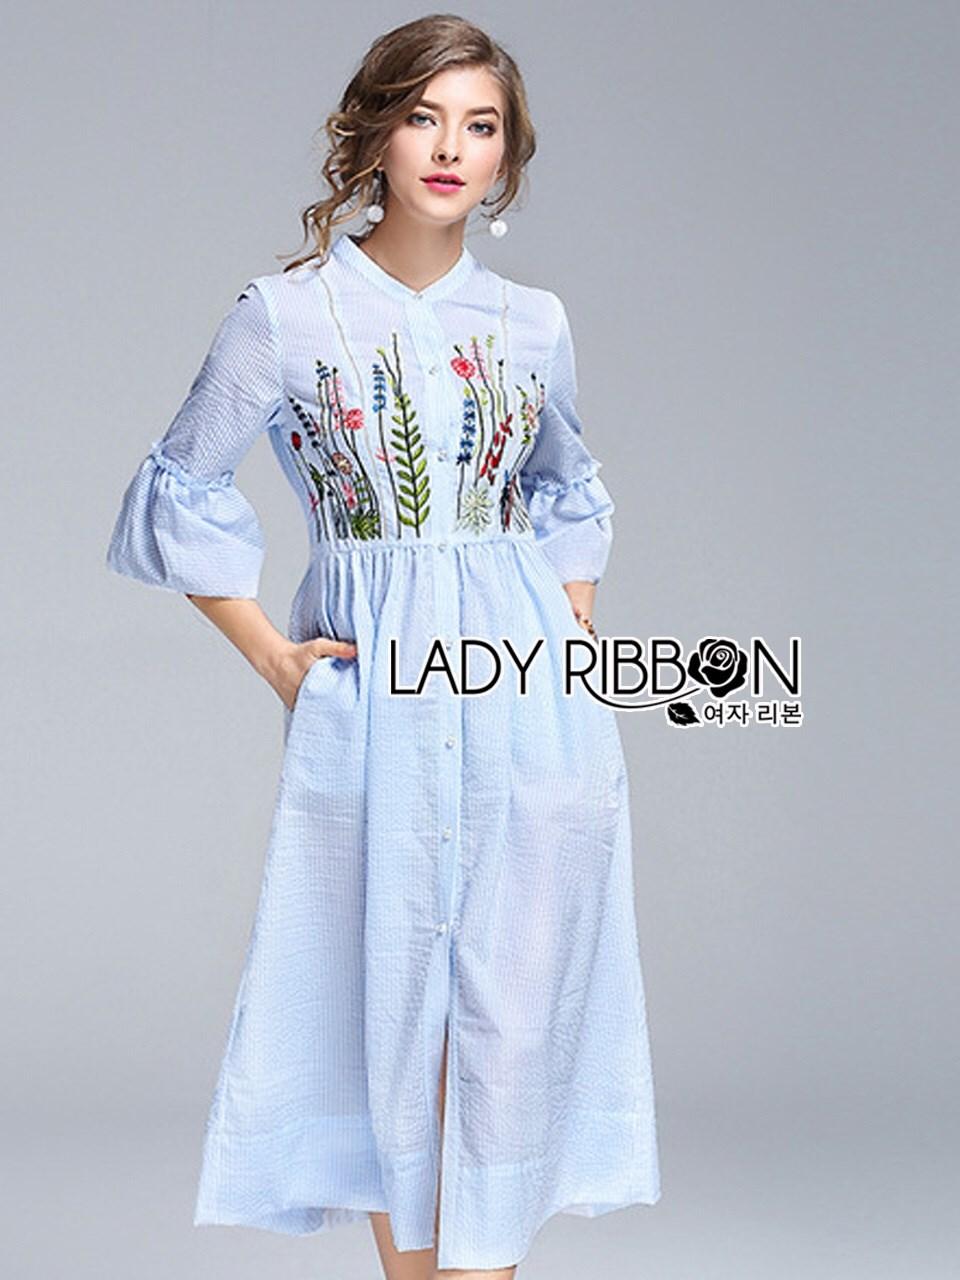 เดรสผ้าคอตตอนลายทางสีฟ้าขาวปักลายดอกไม้สไตล์ซัมเมอร์